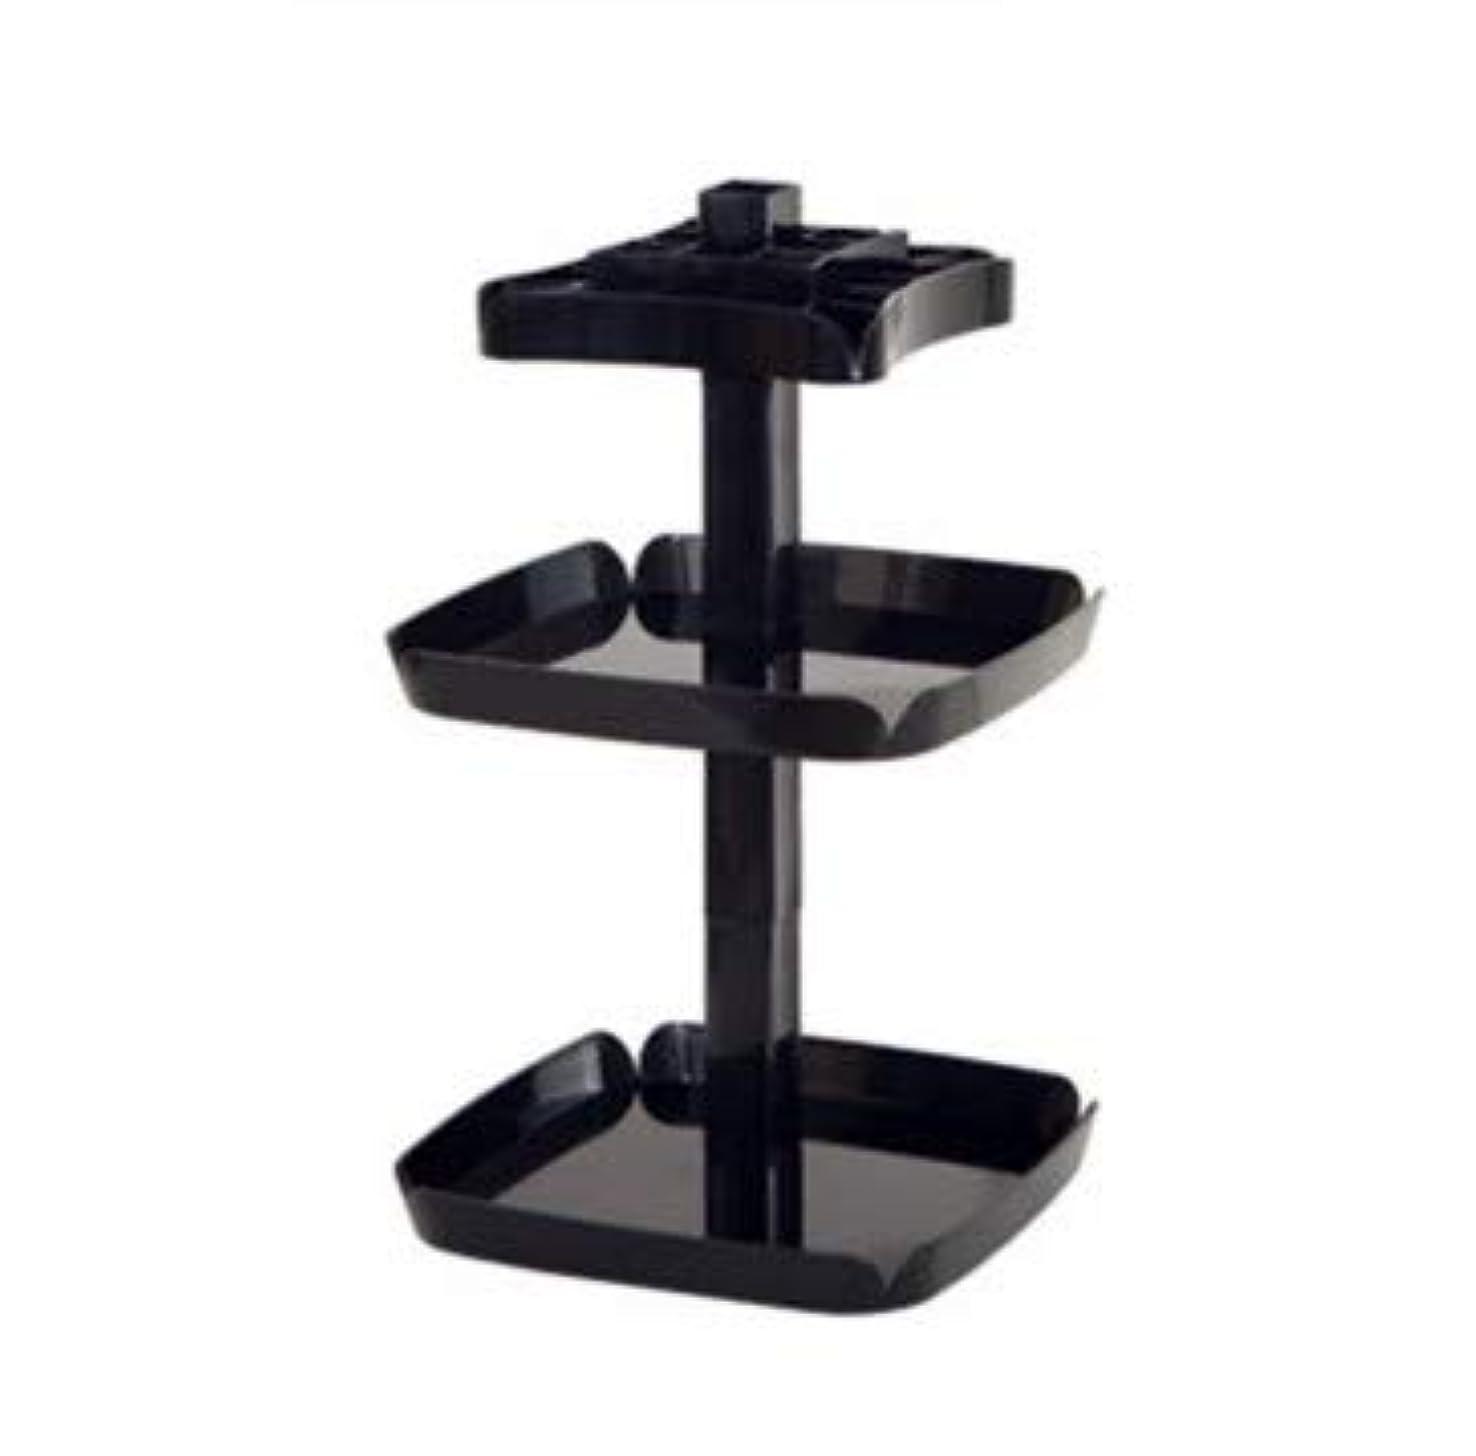 ボウリング職業信頼クリエイティブ回転マニュアルデスクトップ化粧品収納ボックスプラスチック多機能家庭用仕上げボックス (Color : ブラック)